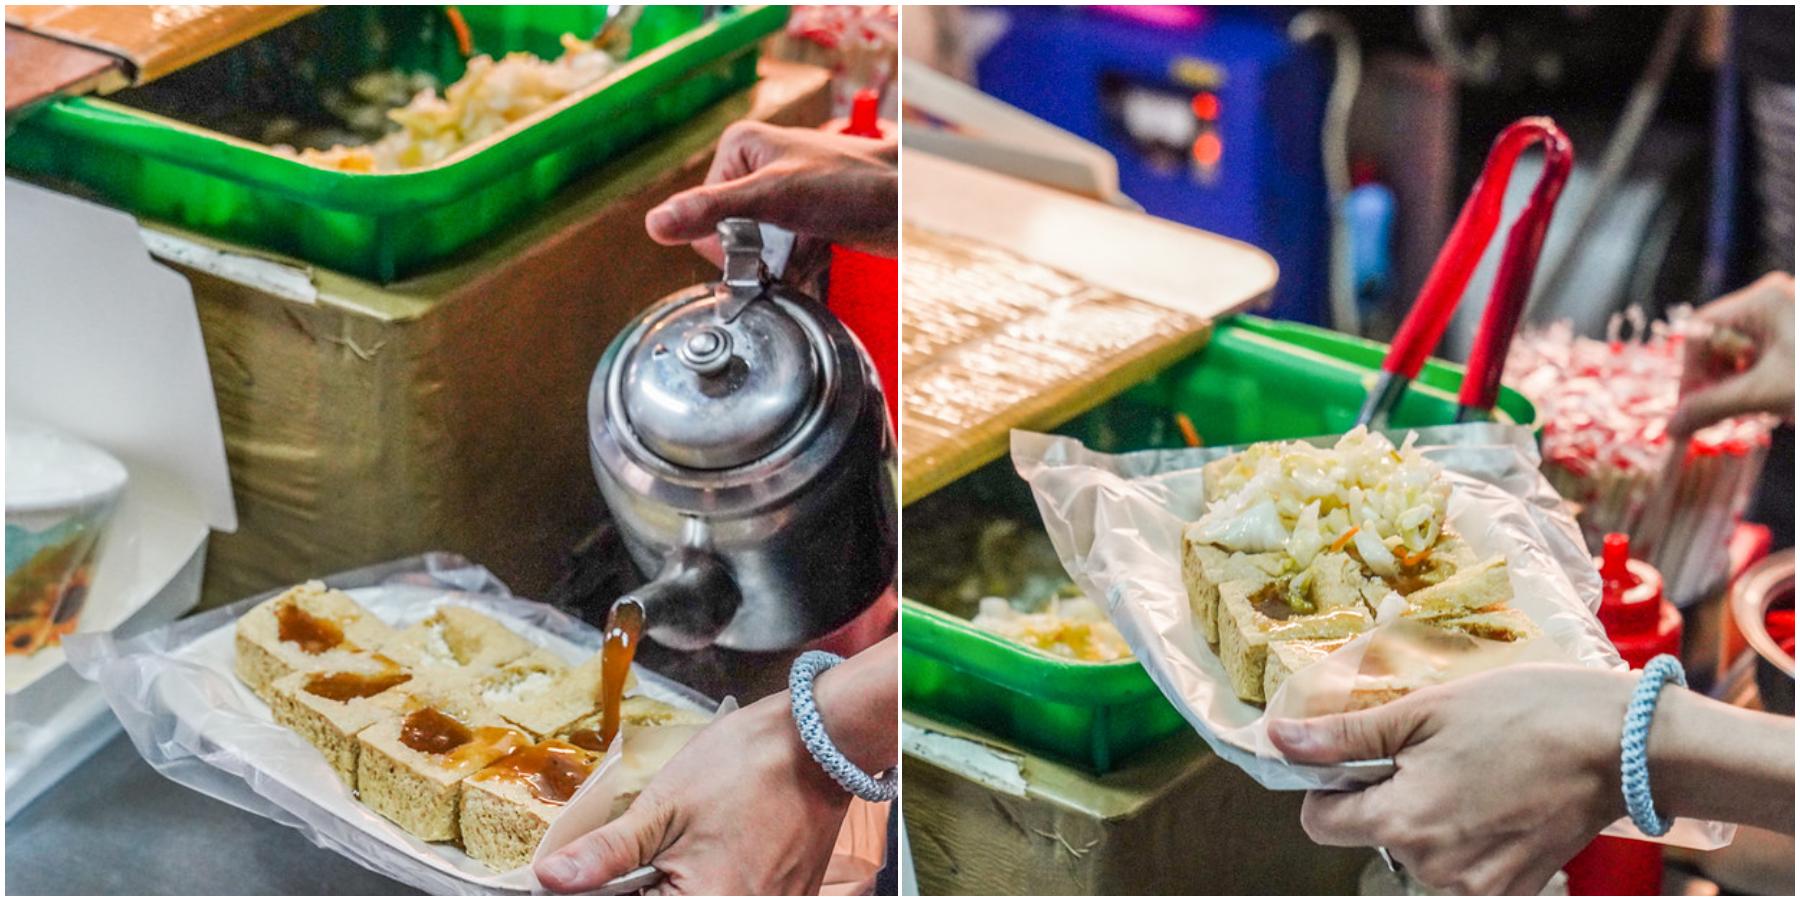 台北第一脆皮臭豆腐『臭大王脆皮臭豆腐』土城必吃臭豆腐、噴汁脆皮臭豆腐、延吉夜市美食 @梅格(Angelababy)享樂日記